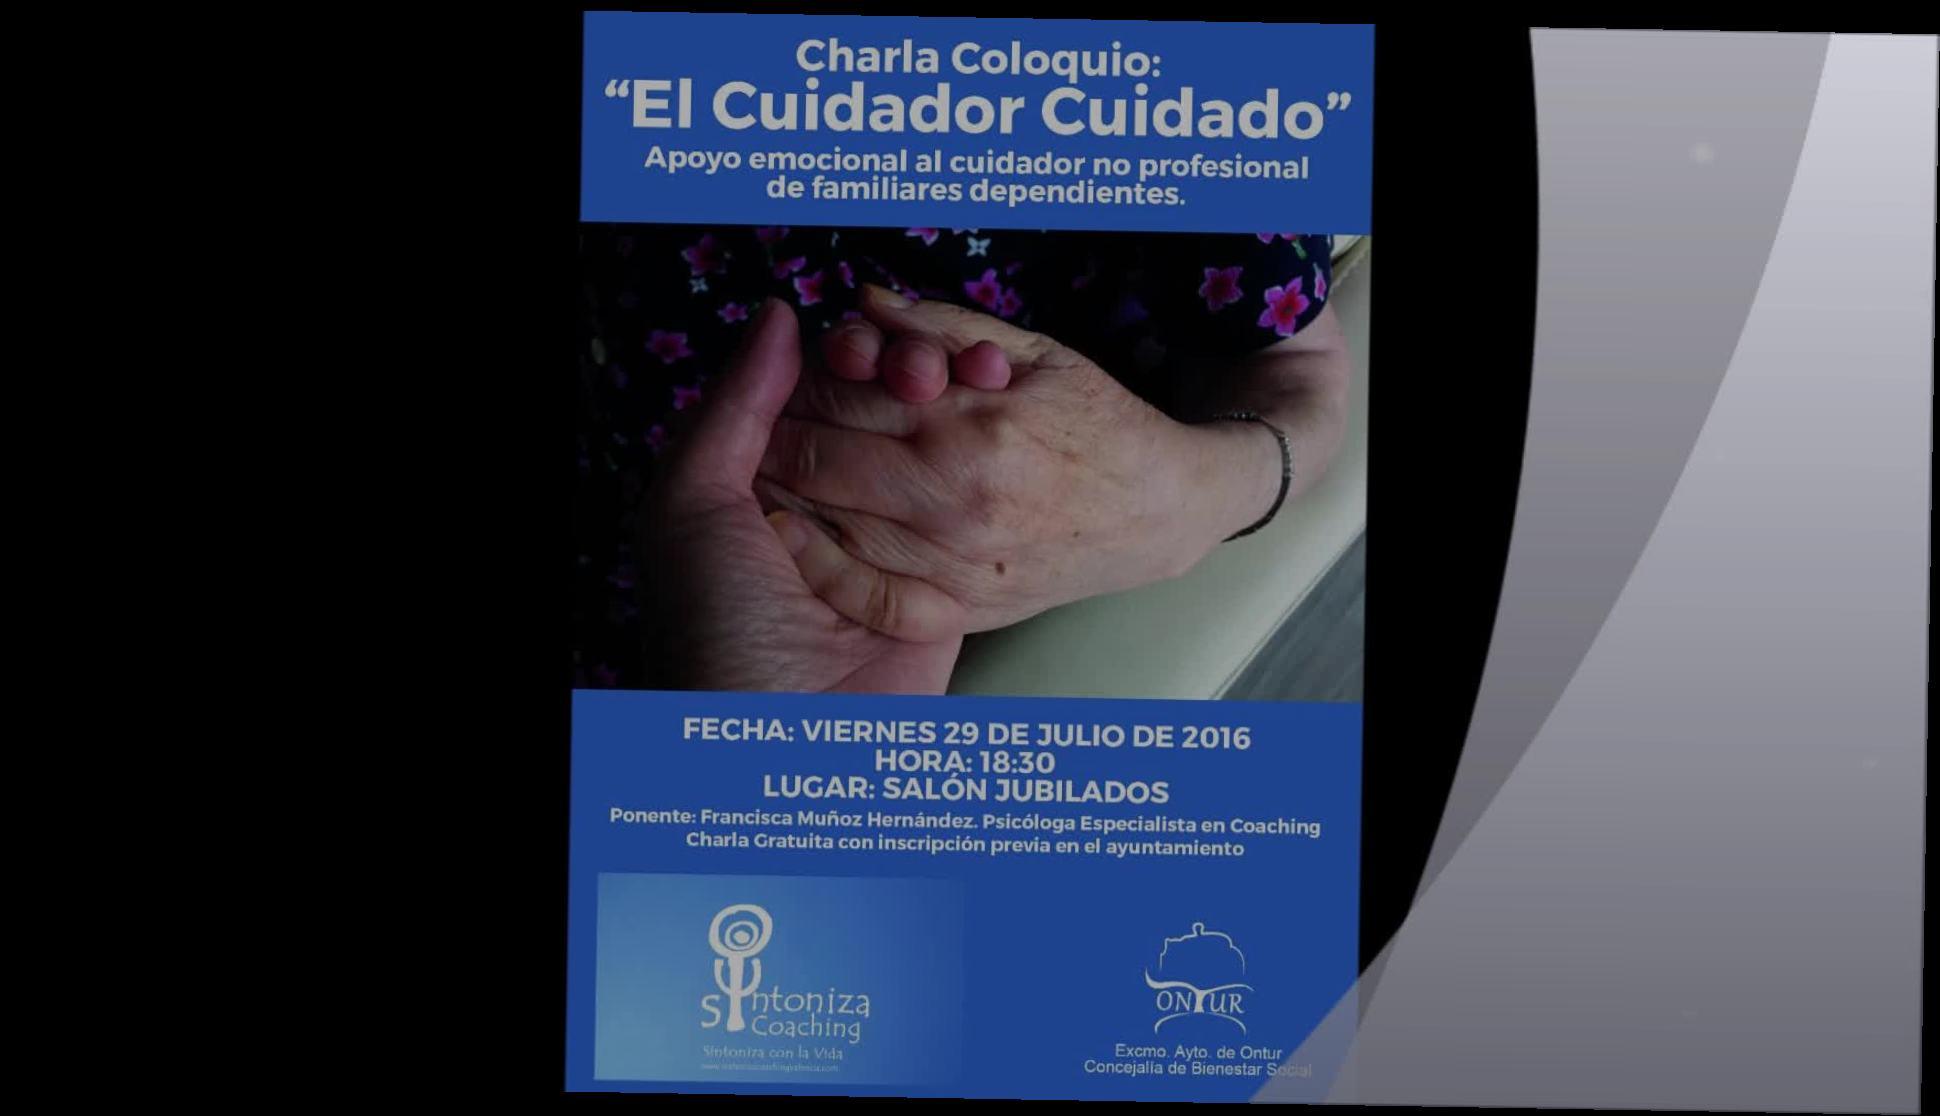 """Charla """"El Cuidador Cuidado"""" Ontur (Albacete) }}"""